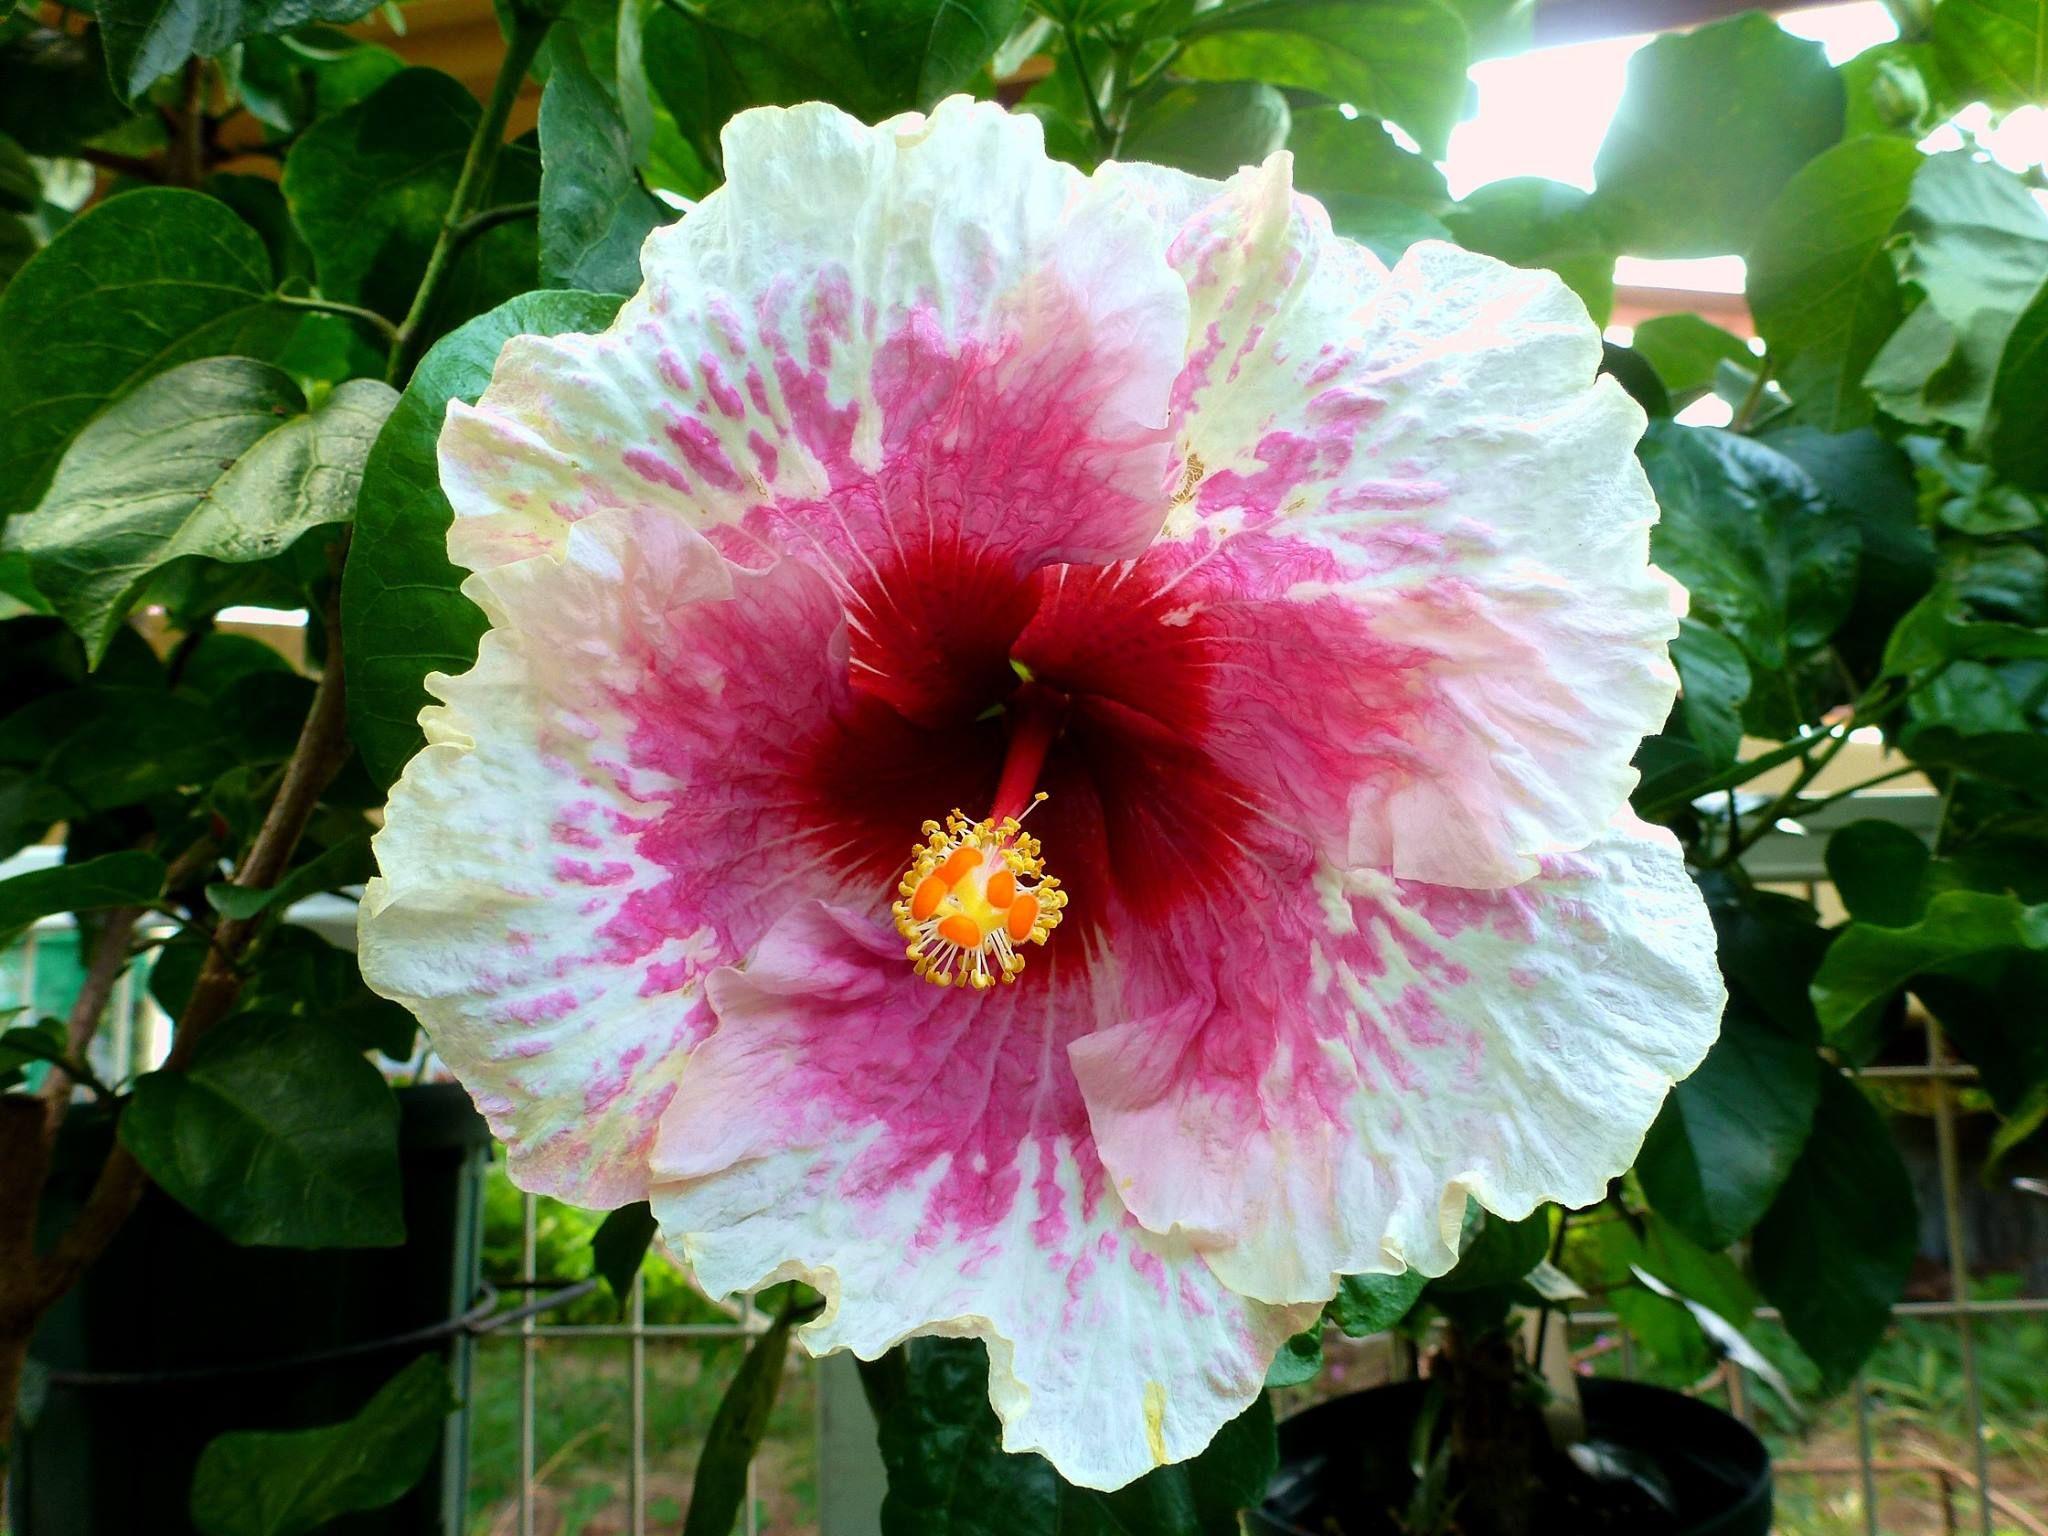 Hibiscus magic island hibiscus pinterest hibiscus flowers hibiscus magic island izmirmasajfo